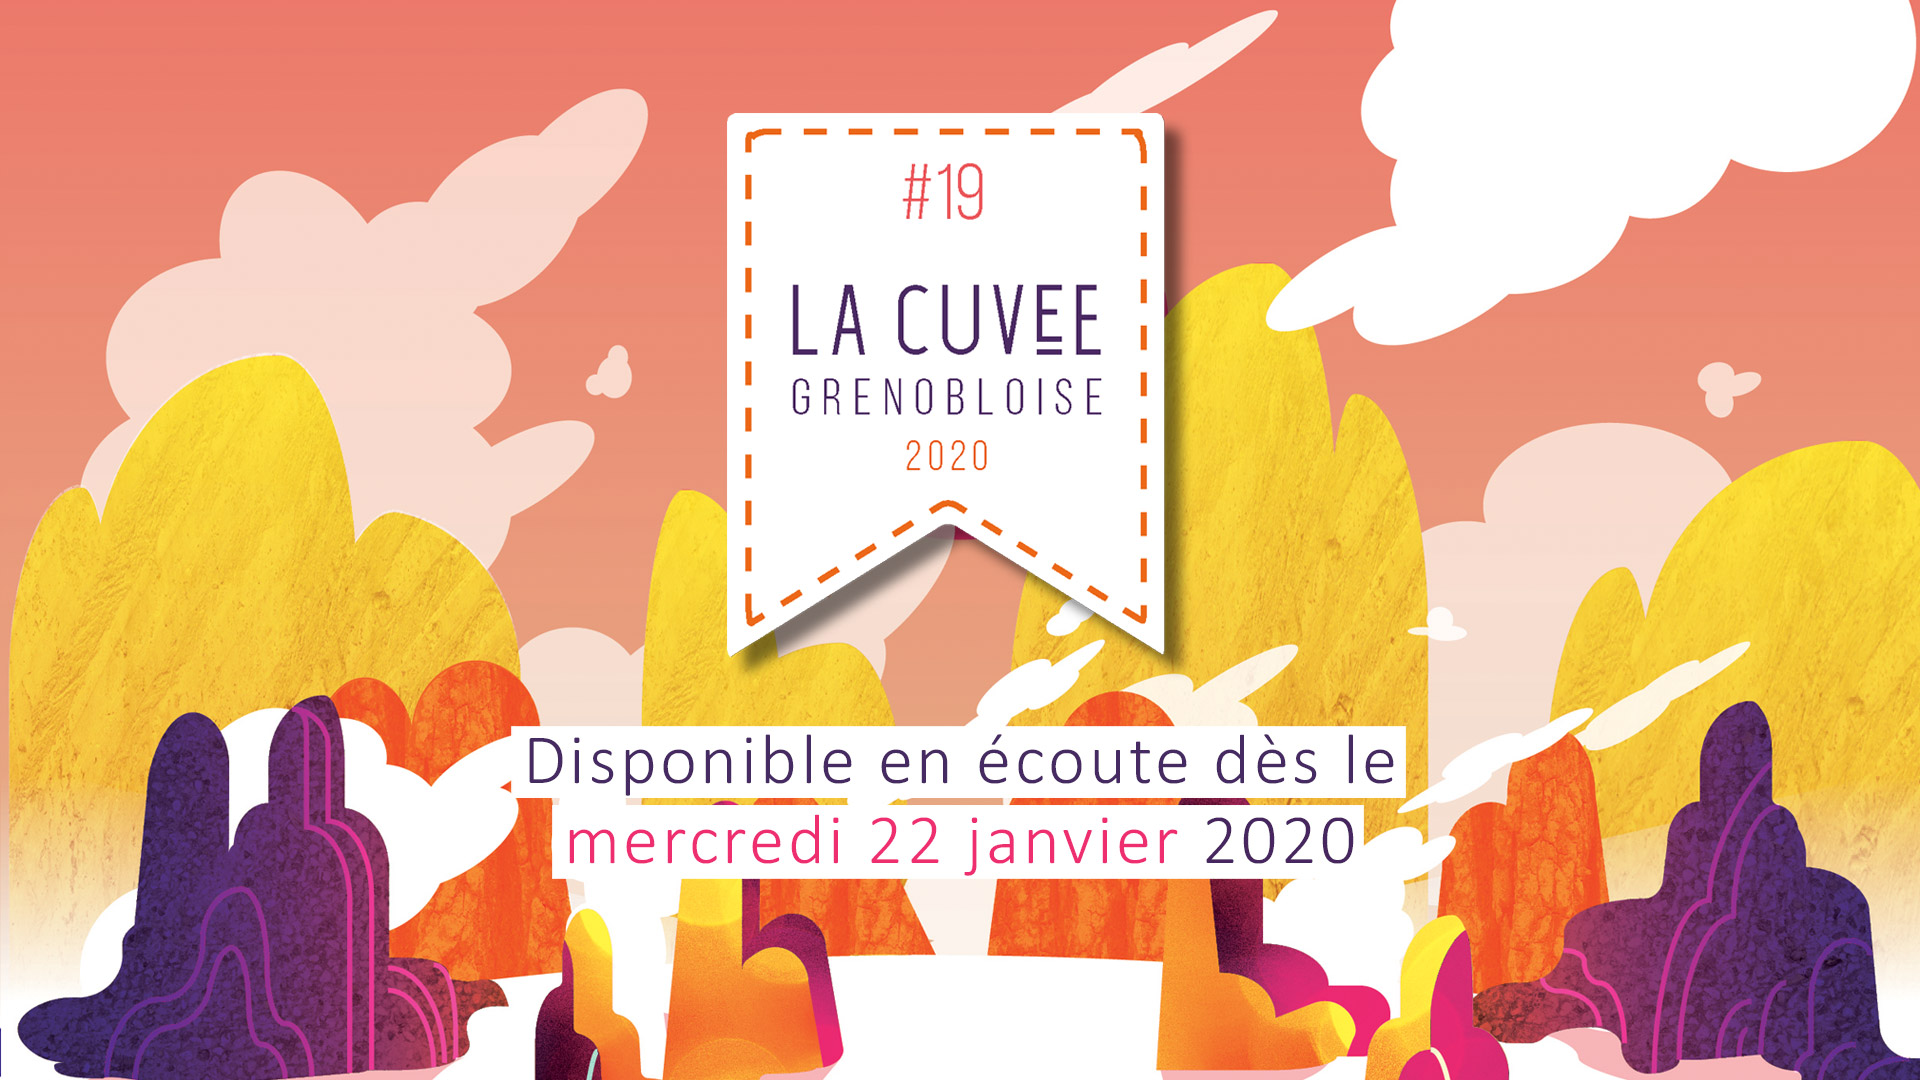 Cuvée Grenobloise 2020